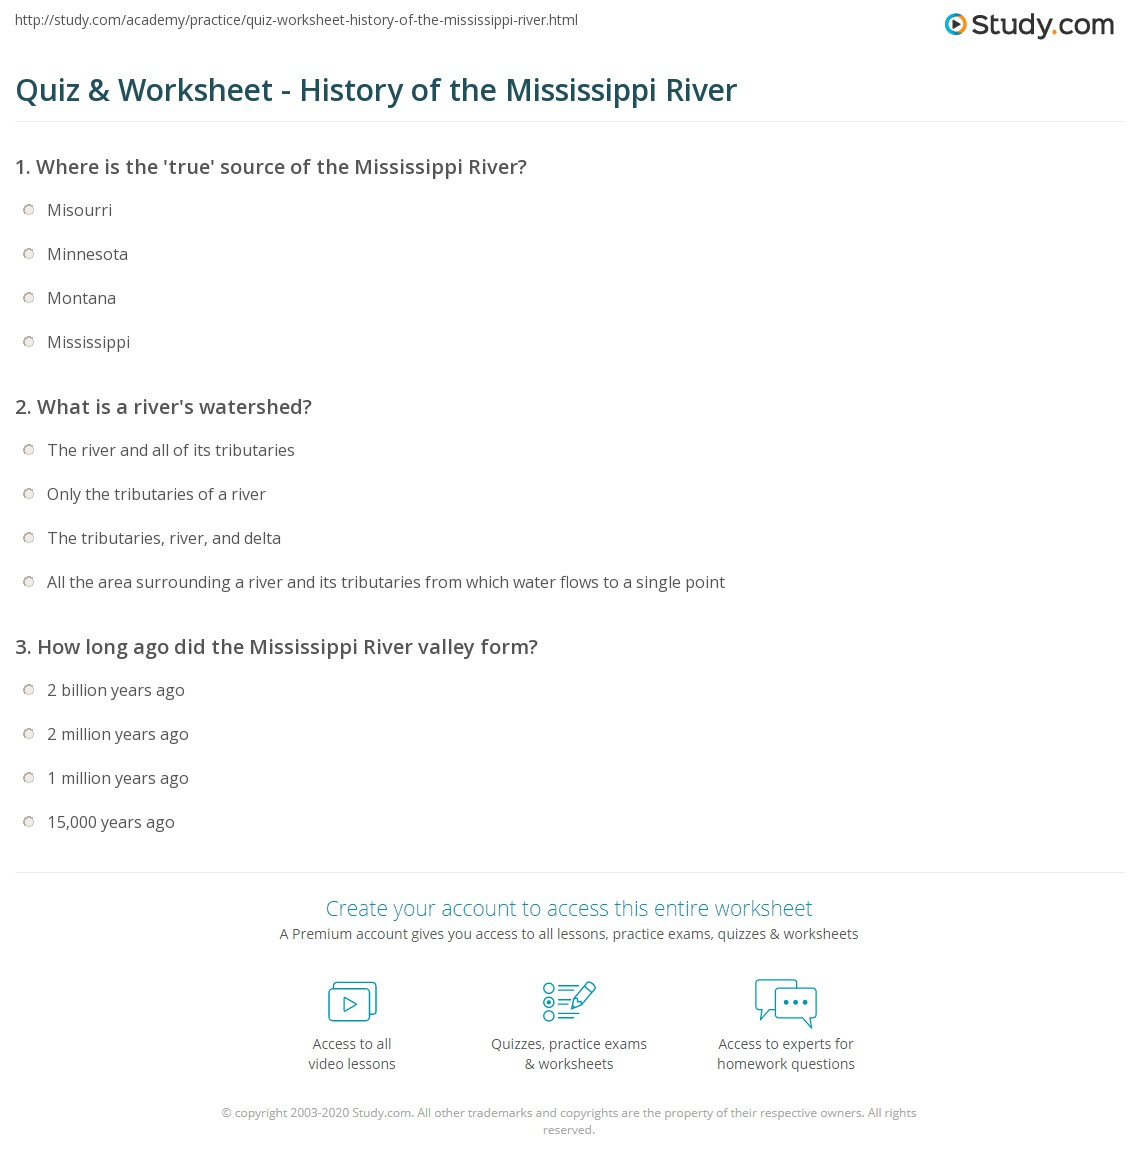 quiz worksheet history of the mississippi river. Black Bedroom Furniture Sets. Home Design Ideas